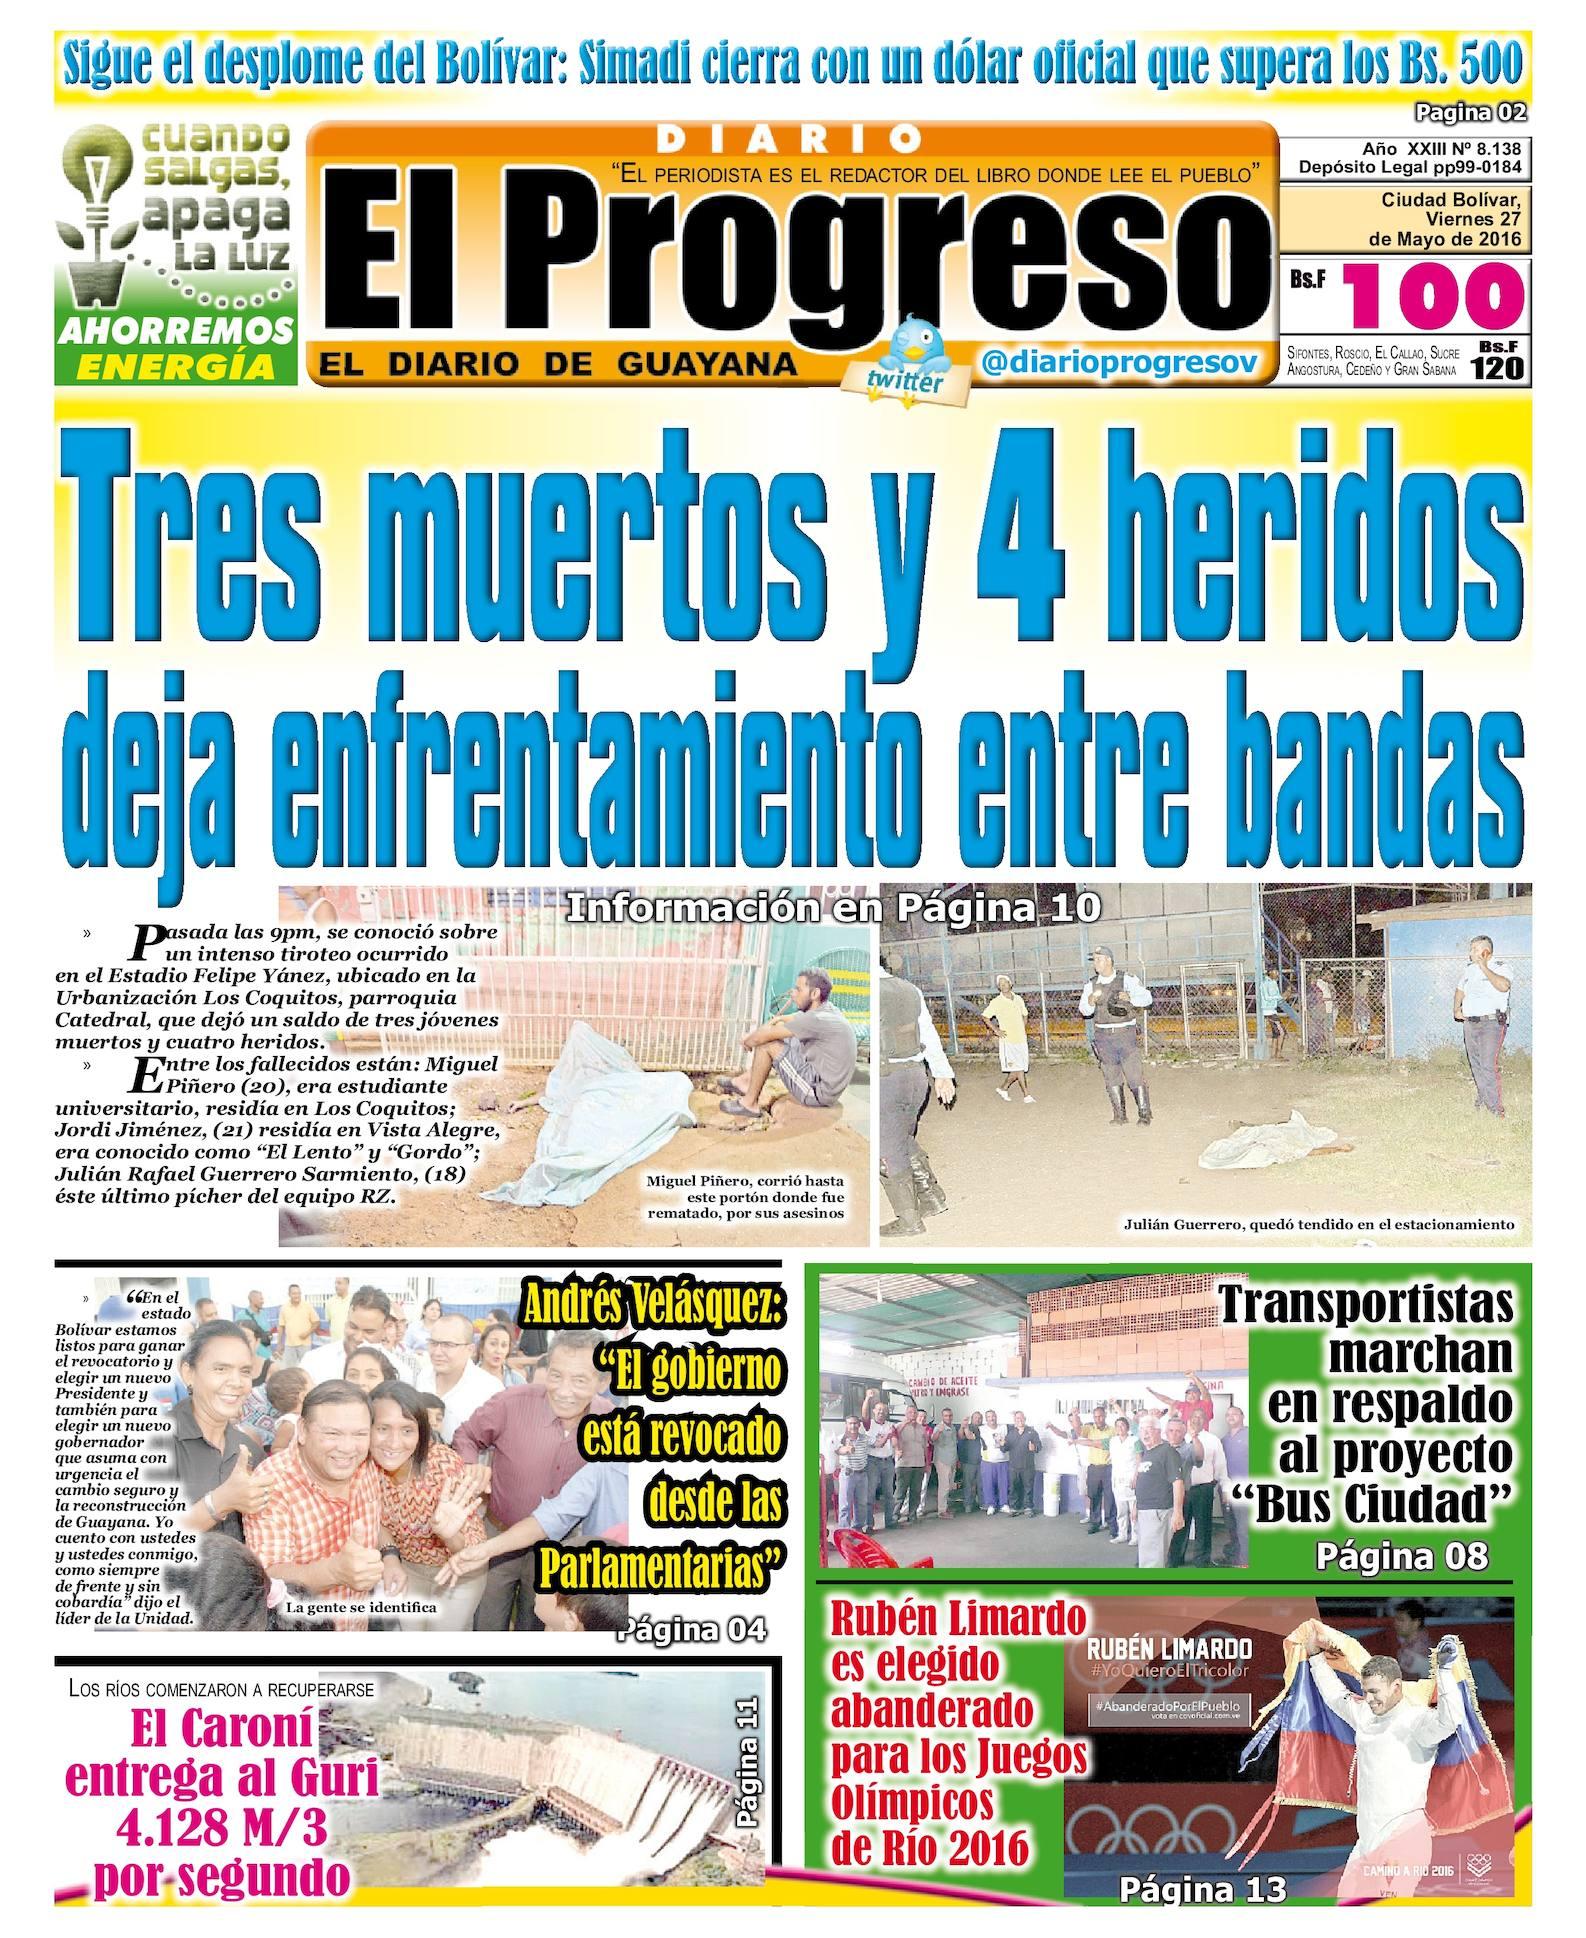 Calaméo - Diarioelprogresoedicion digital 27-05-2016